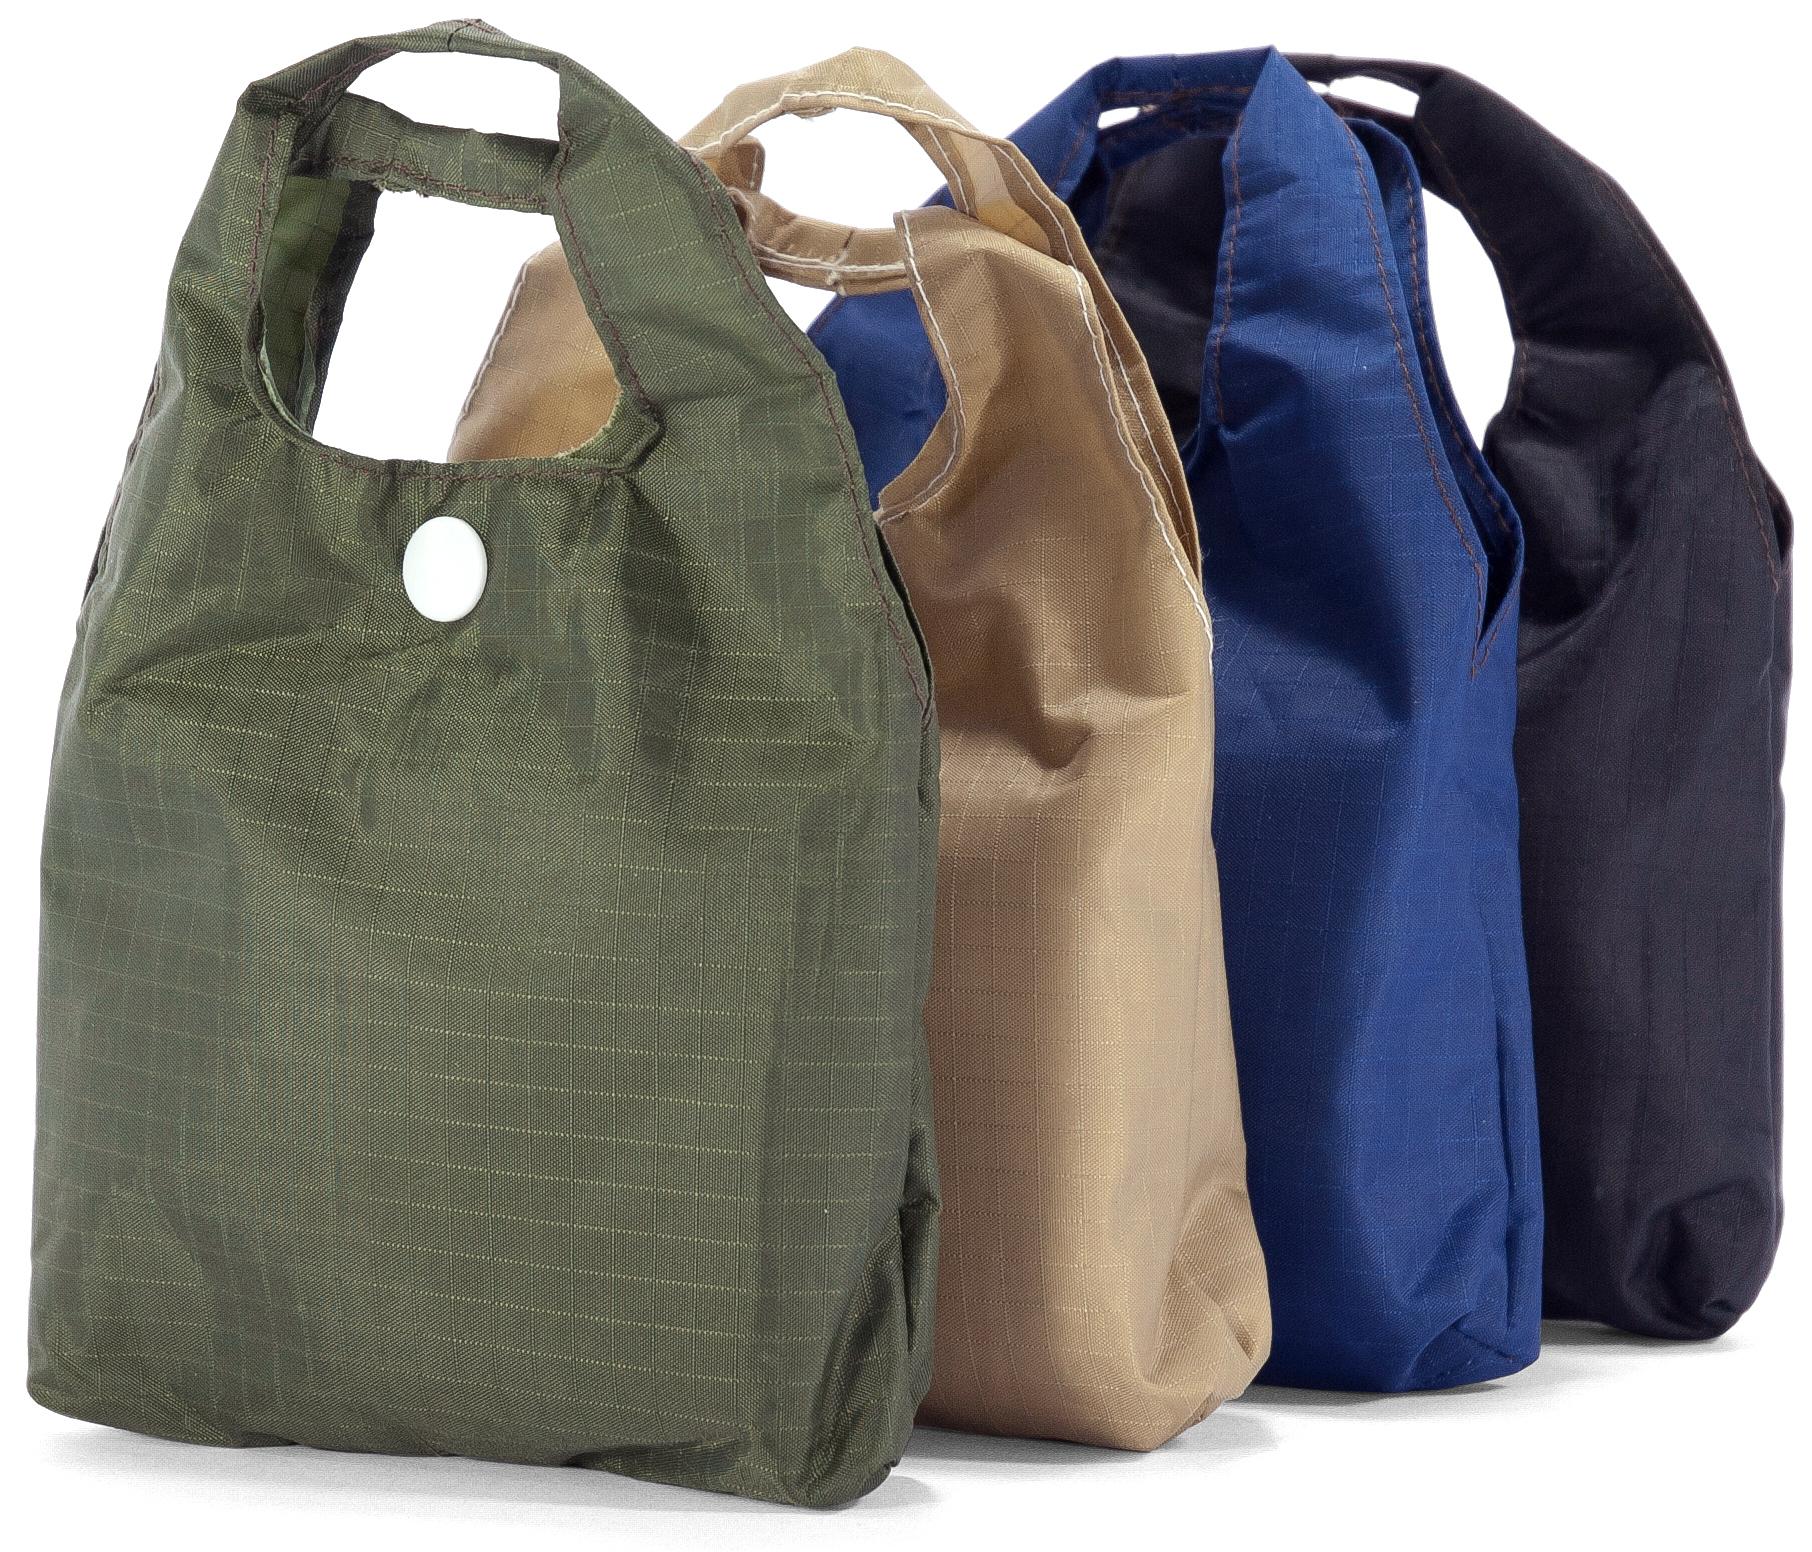 Τσάντα Αγορών 35x35x6εκ. benzi 201707 Σε Διάφορα Χρώματα - benzi - BZ-201707 ειδη οικ  χρησησ βαλίτσες   τσάντες ταξιδίου